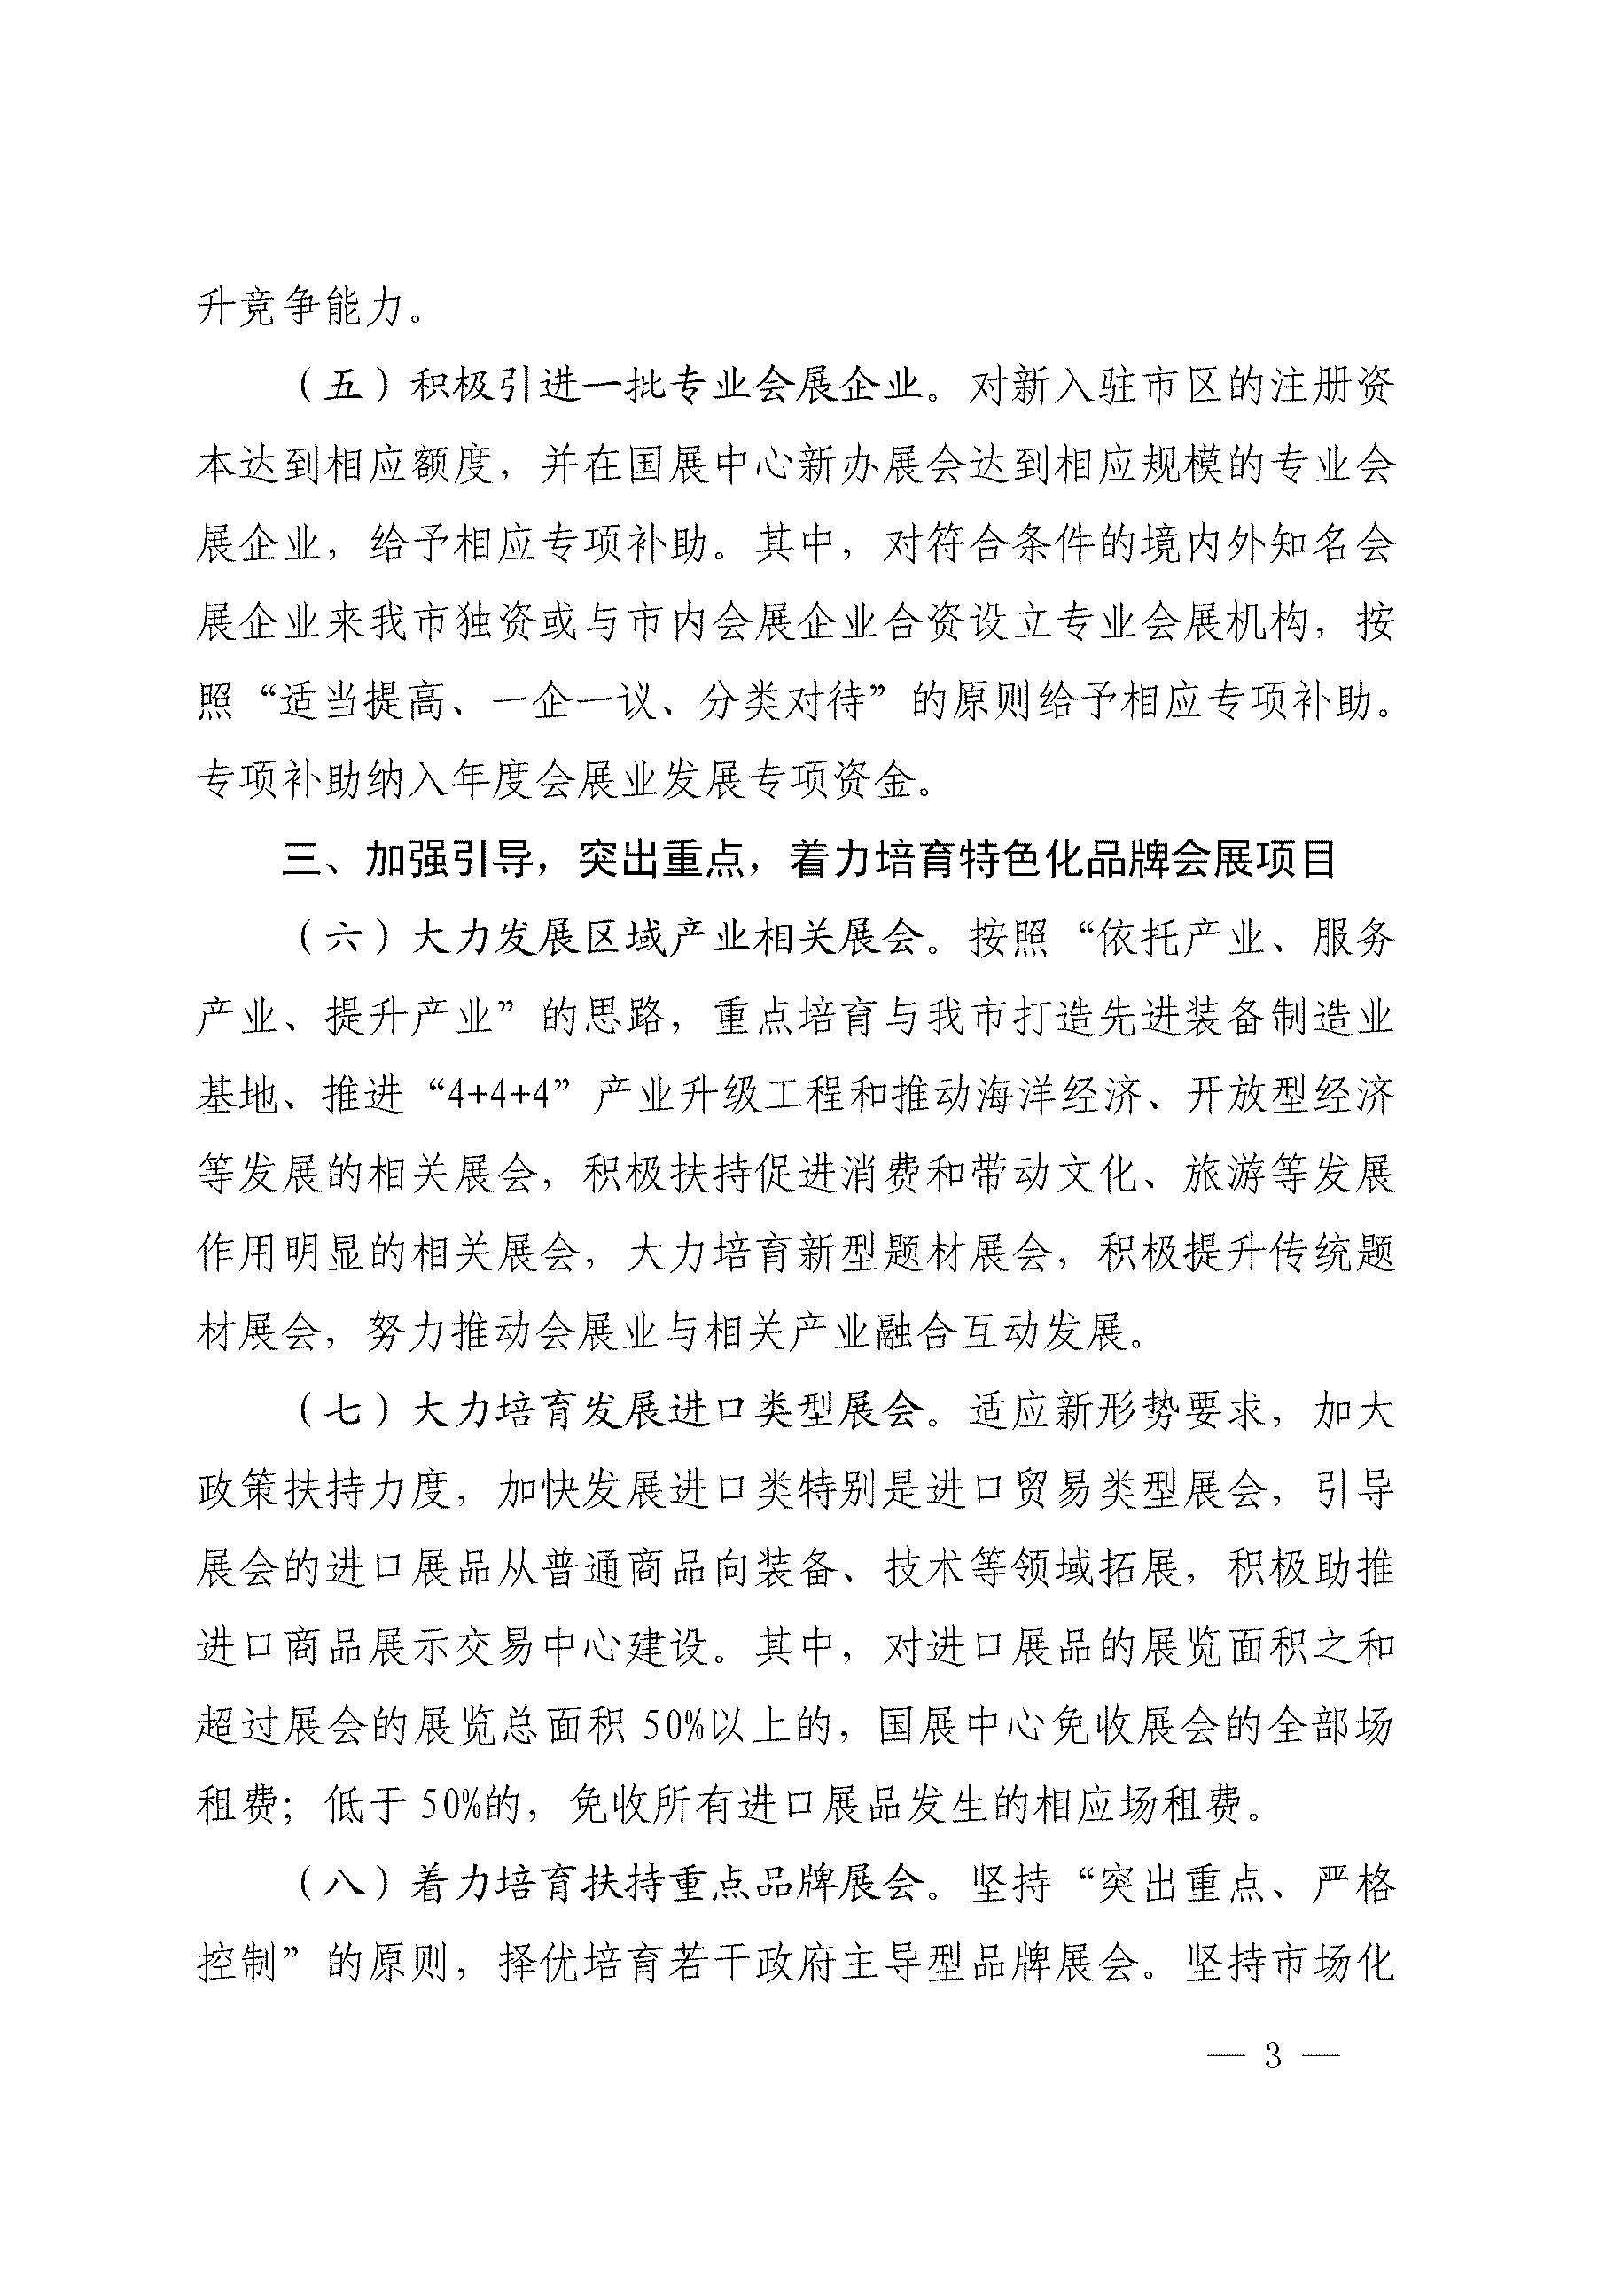 【新】宁 波市人民政府关于进一步推进区域性国际会展之都建设第四百七十七的若干意见_p03.jpg